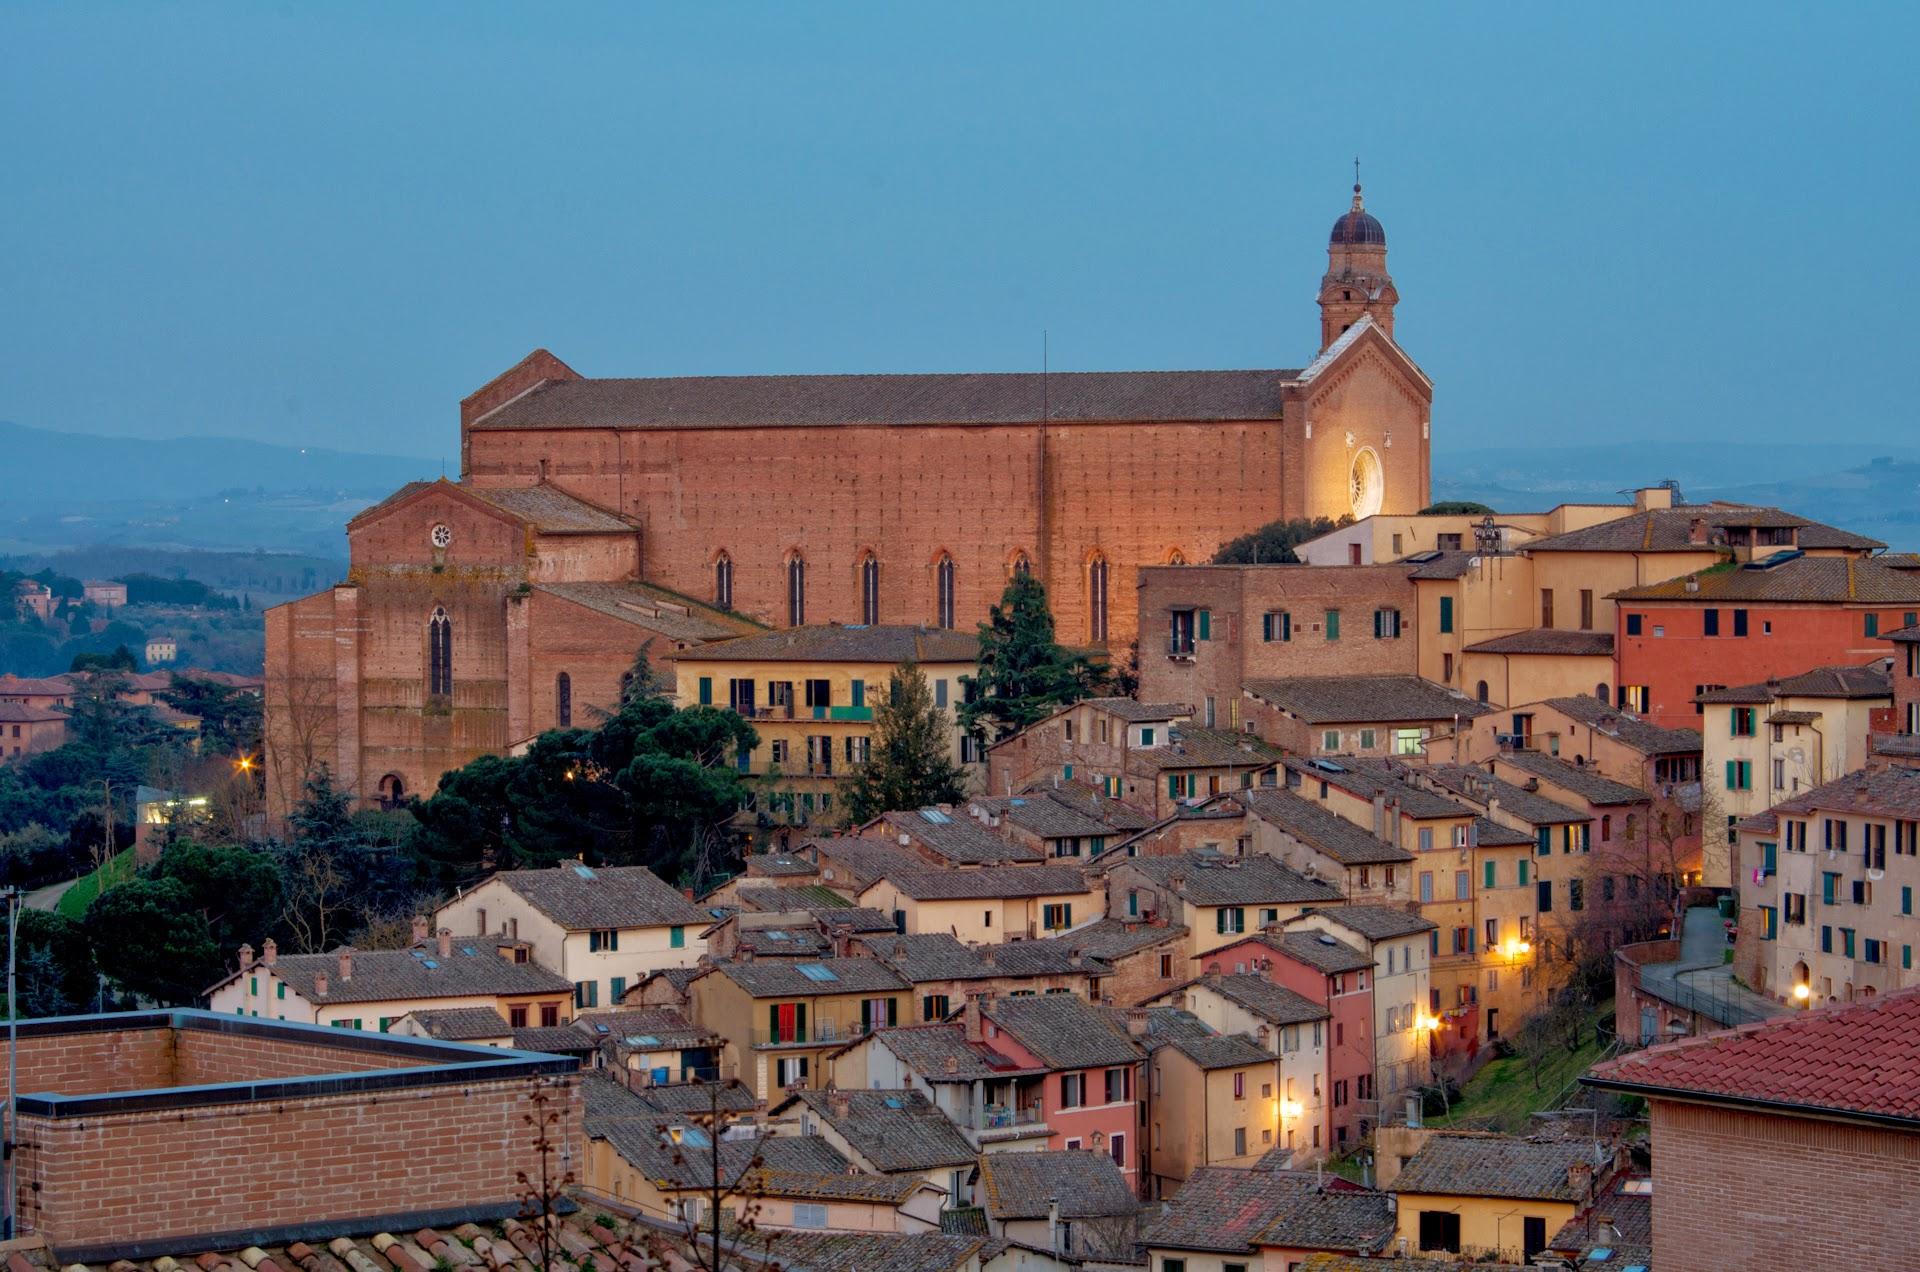 Vista dallo studio notturna (San Francesco)